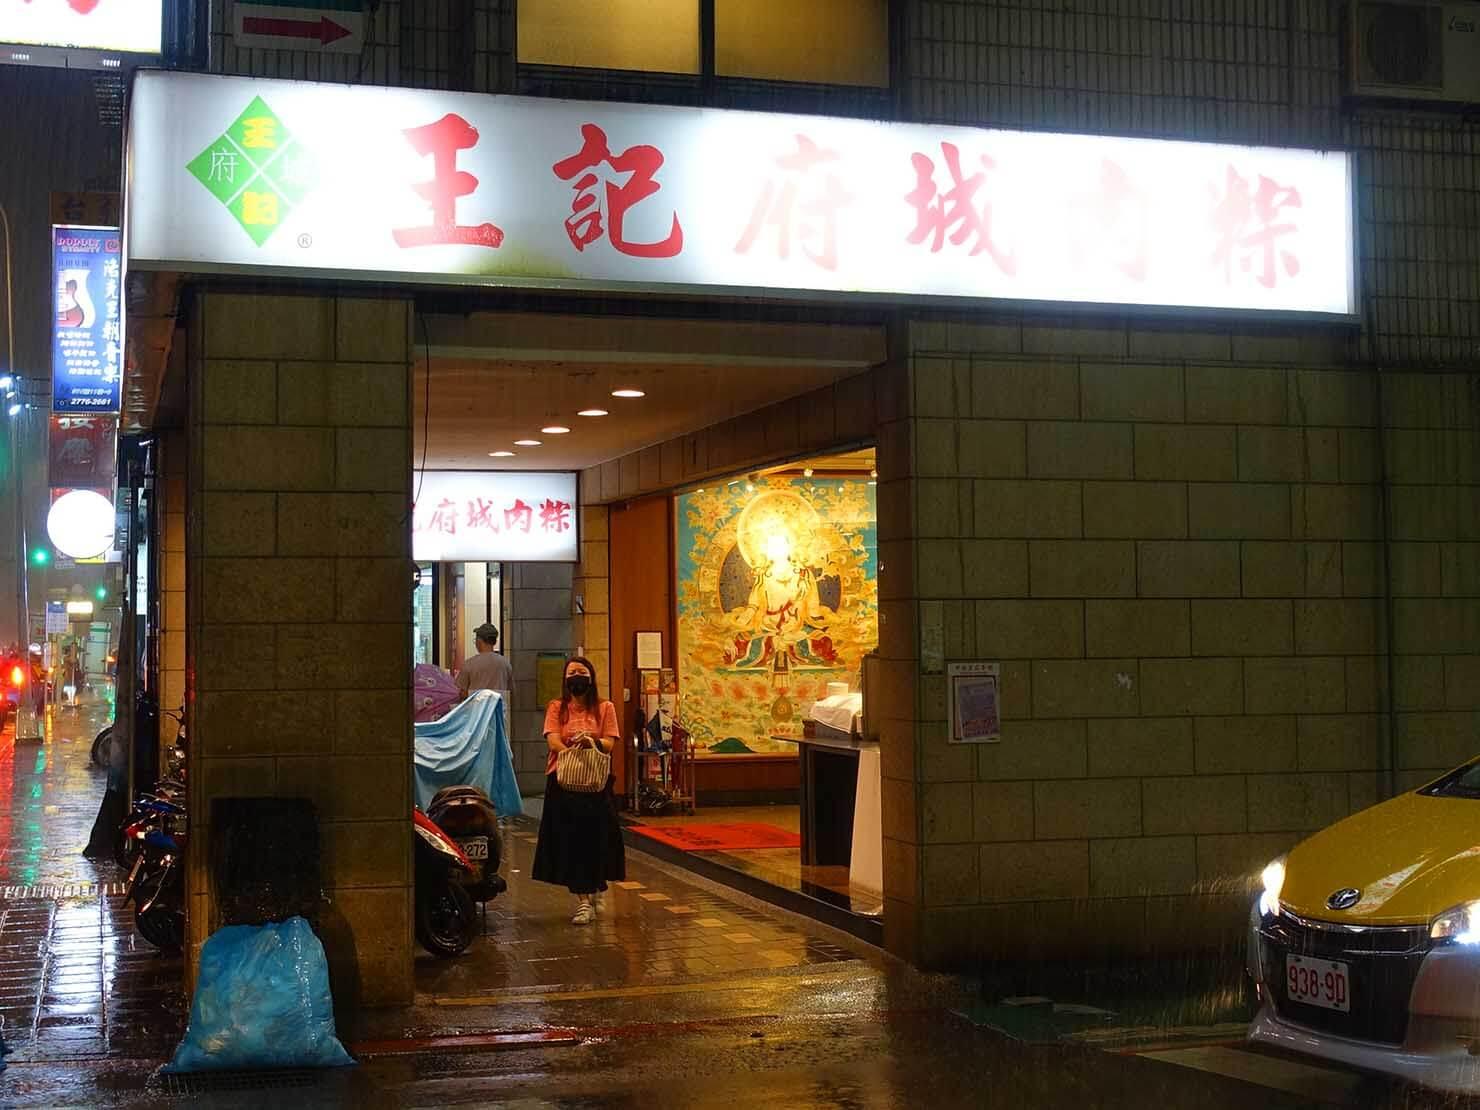 台北・南京復興駅周辺のおすすめグルメ店「王記府城肉粽」の外観